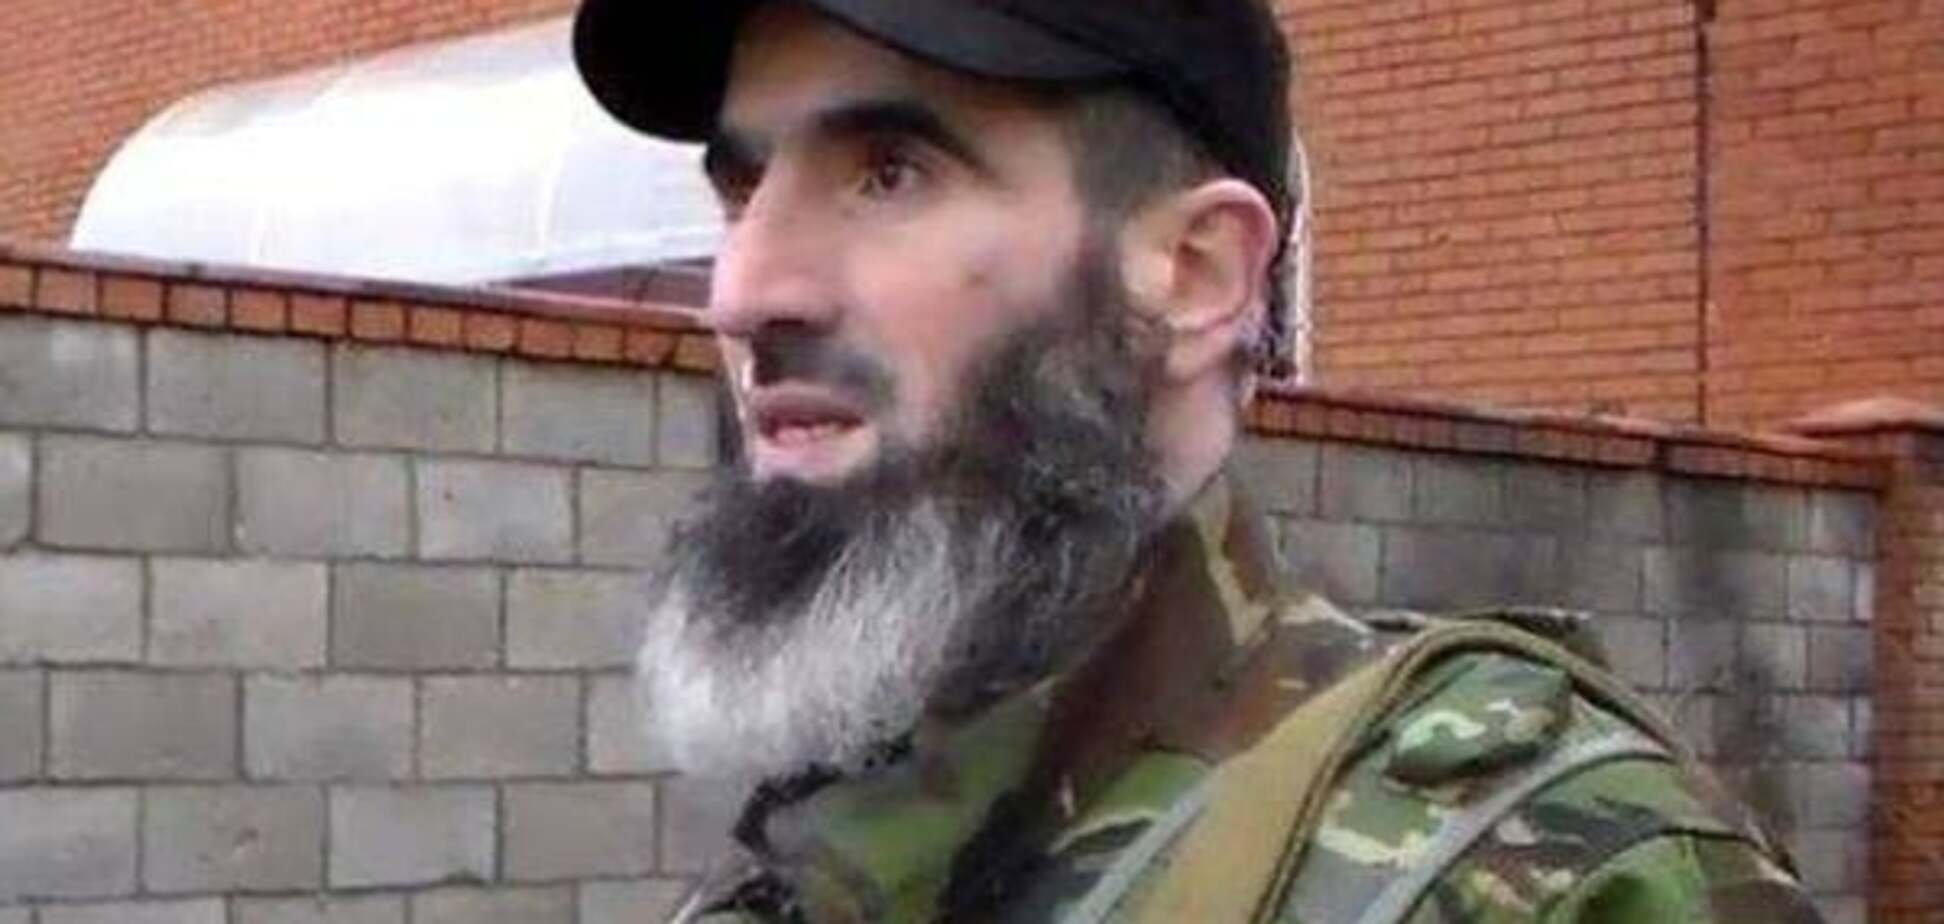 Чеченский доброволец 'Муслим': вы называете это войной, потому что настоящую войну еще не видели